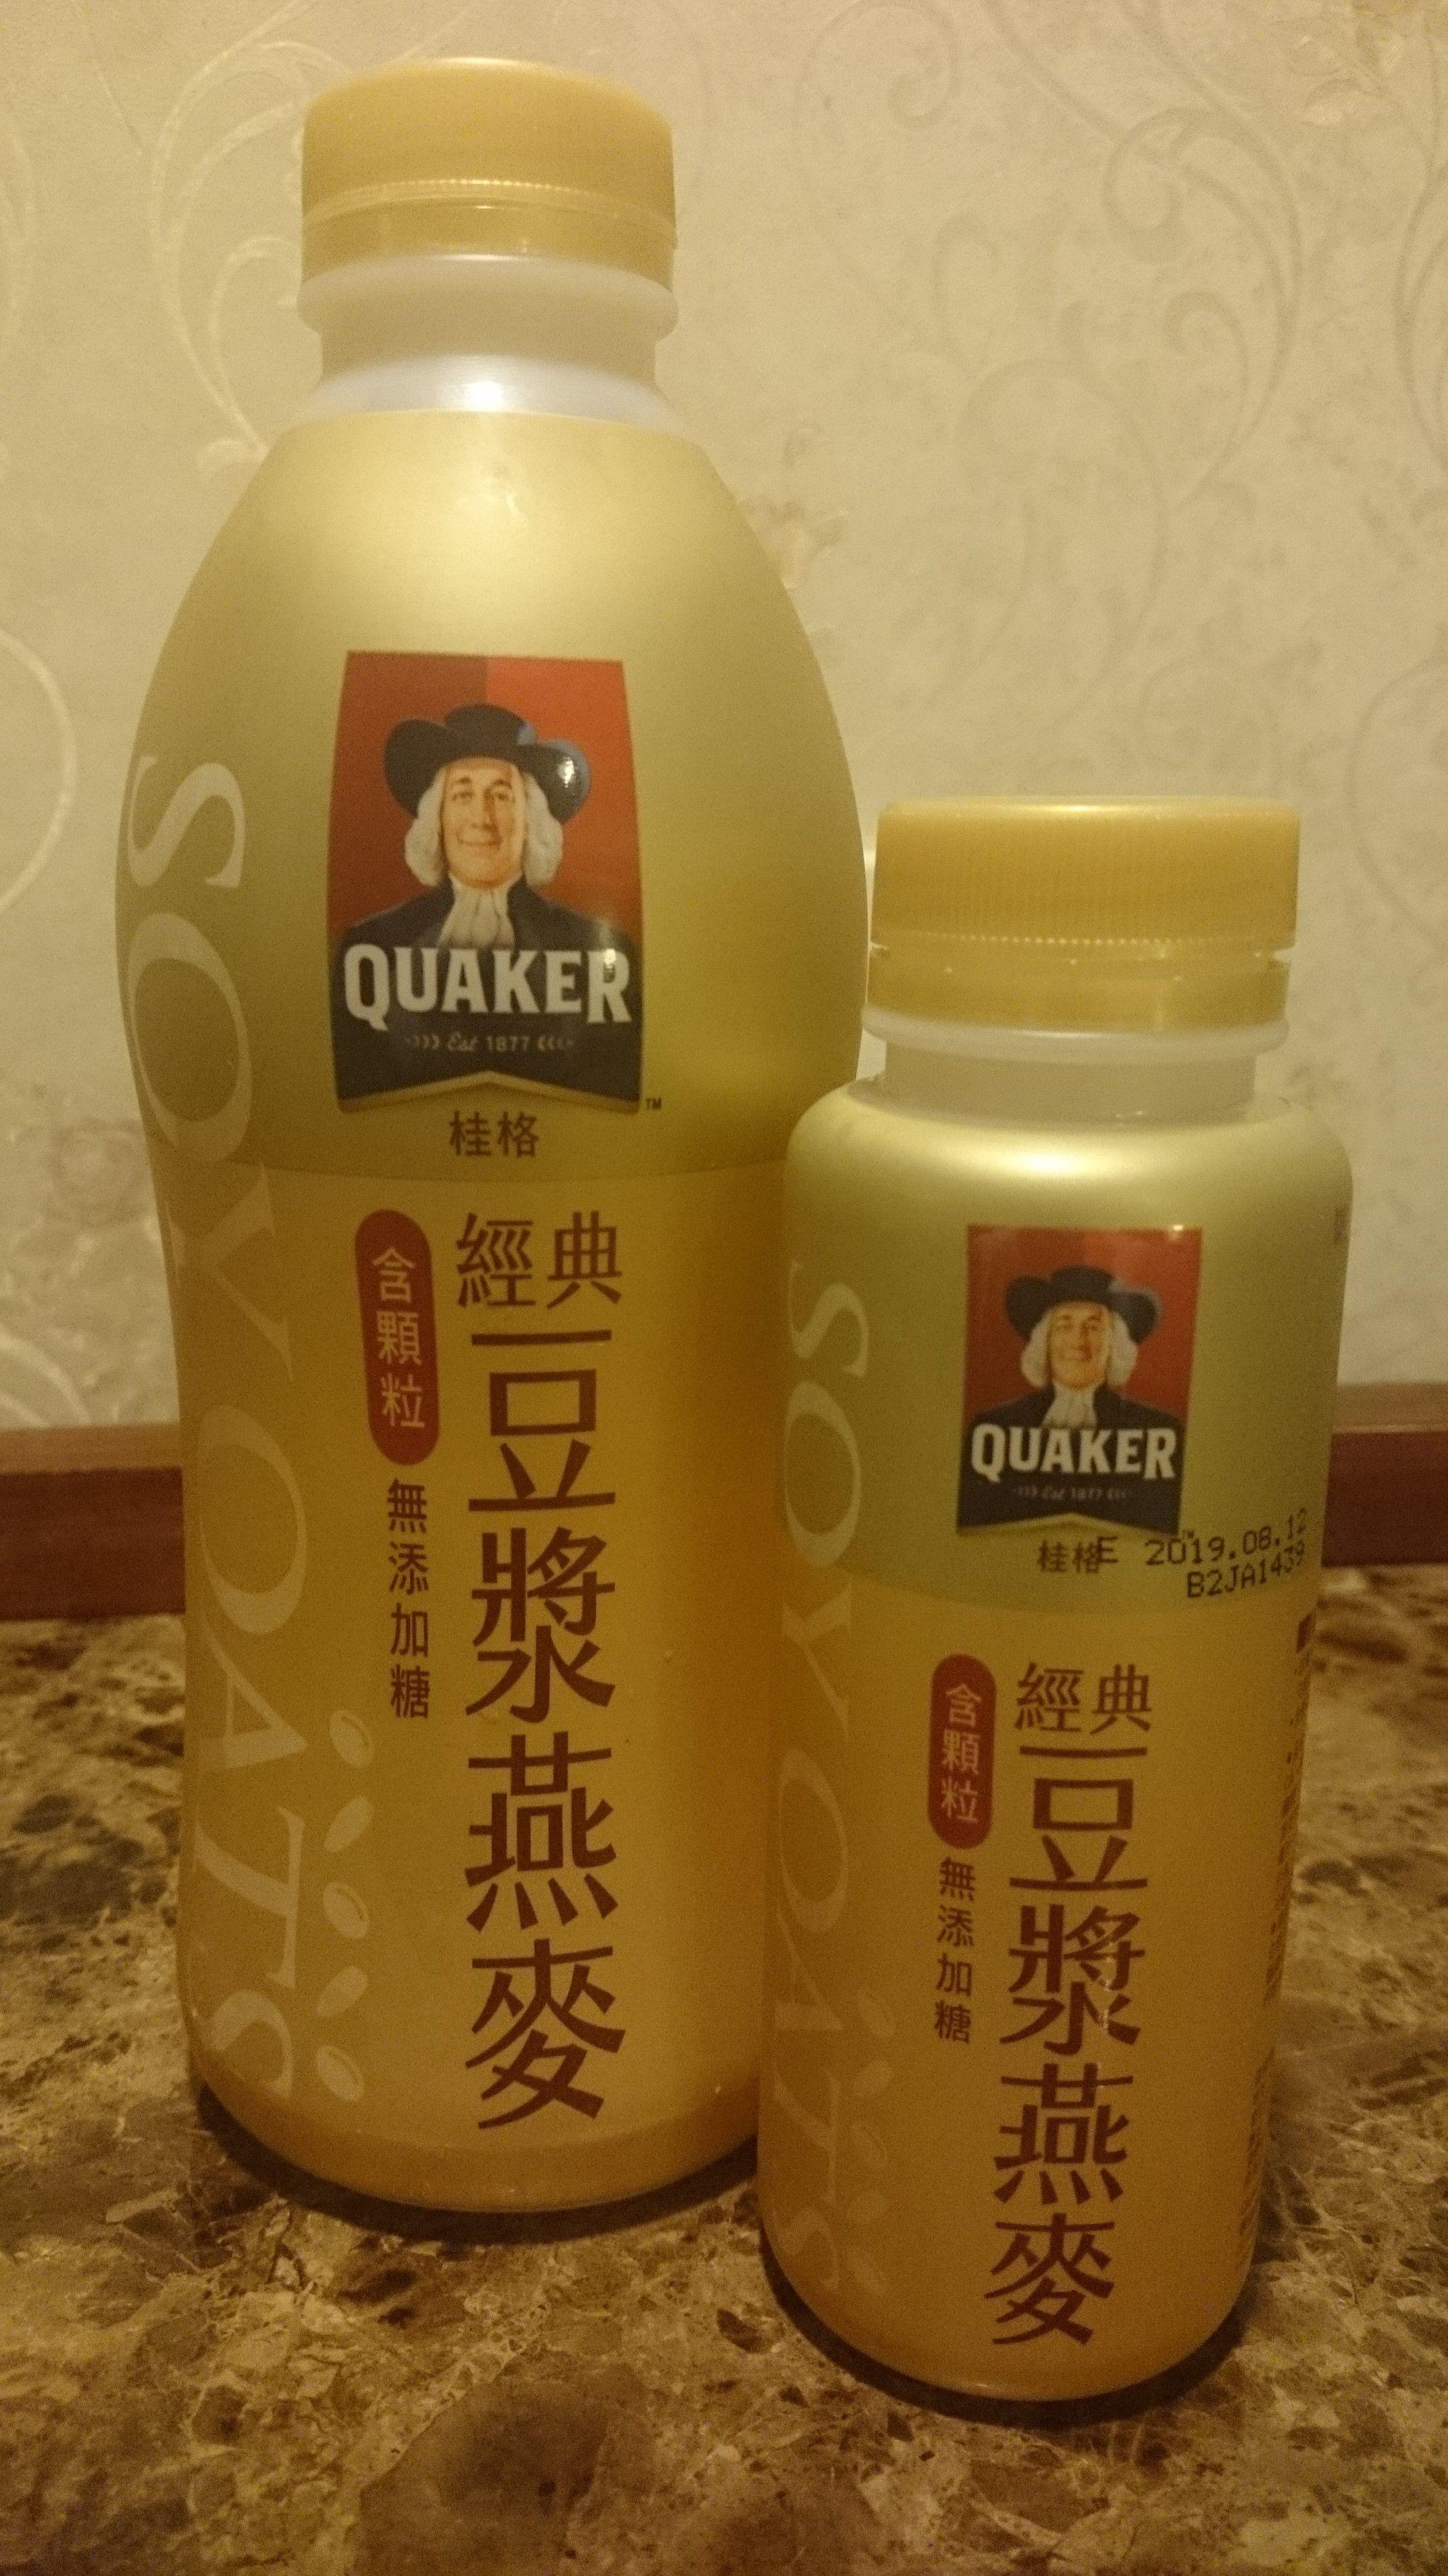 腸内環境改善に『Quaker』燕麦(えんばく)の食物繊維が効果あり ...